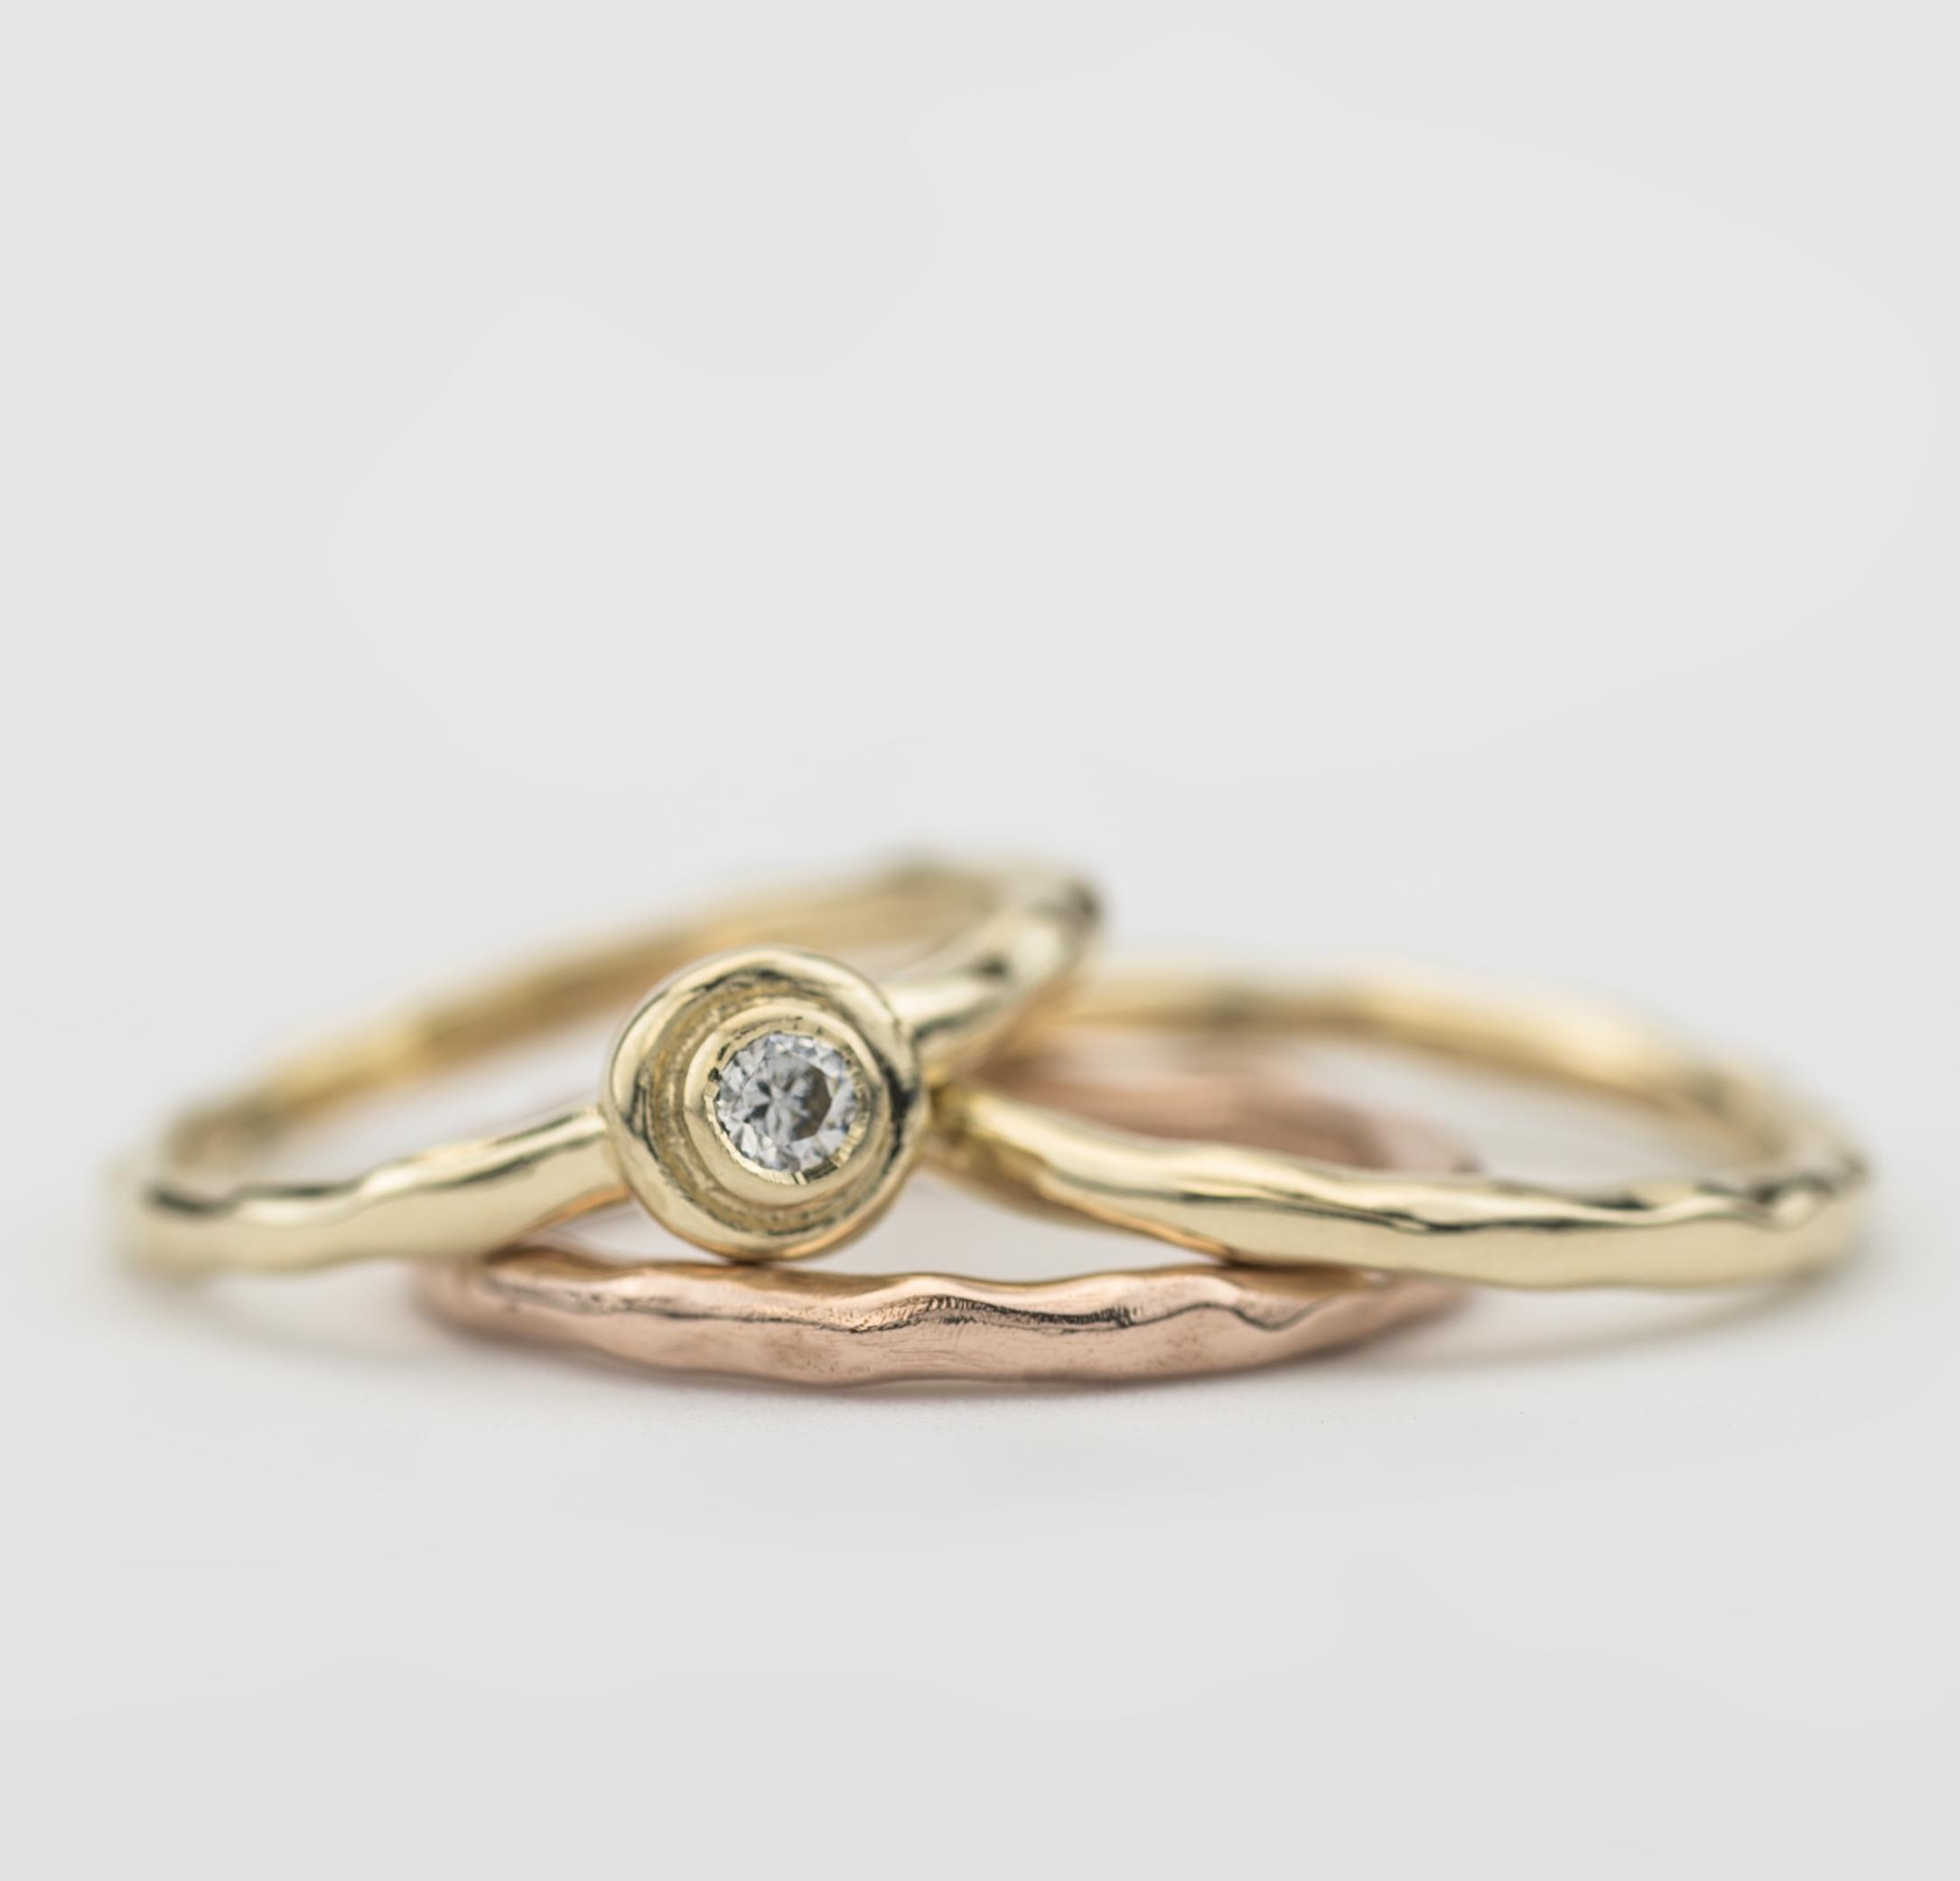 Irish gold rings